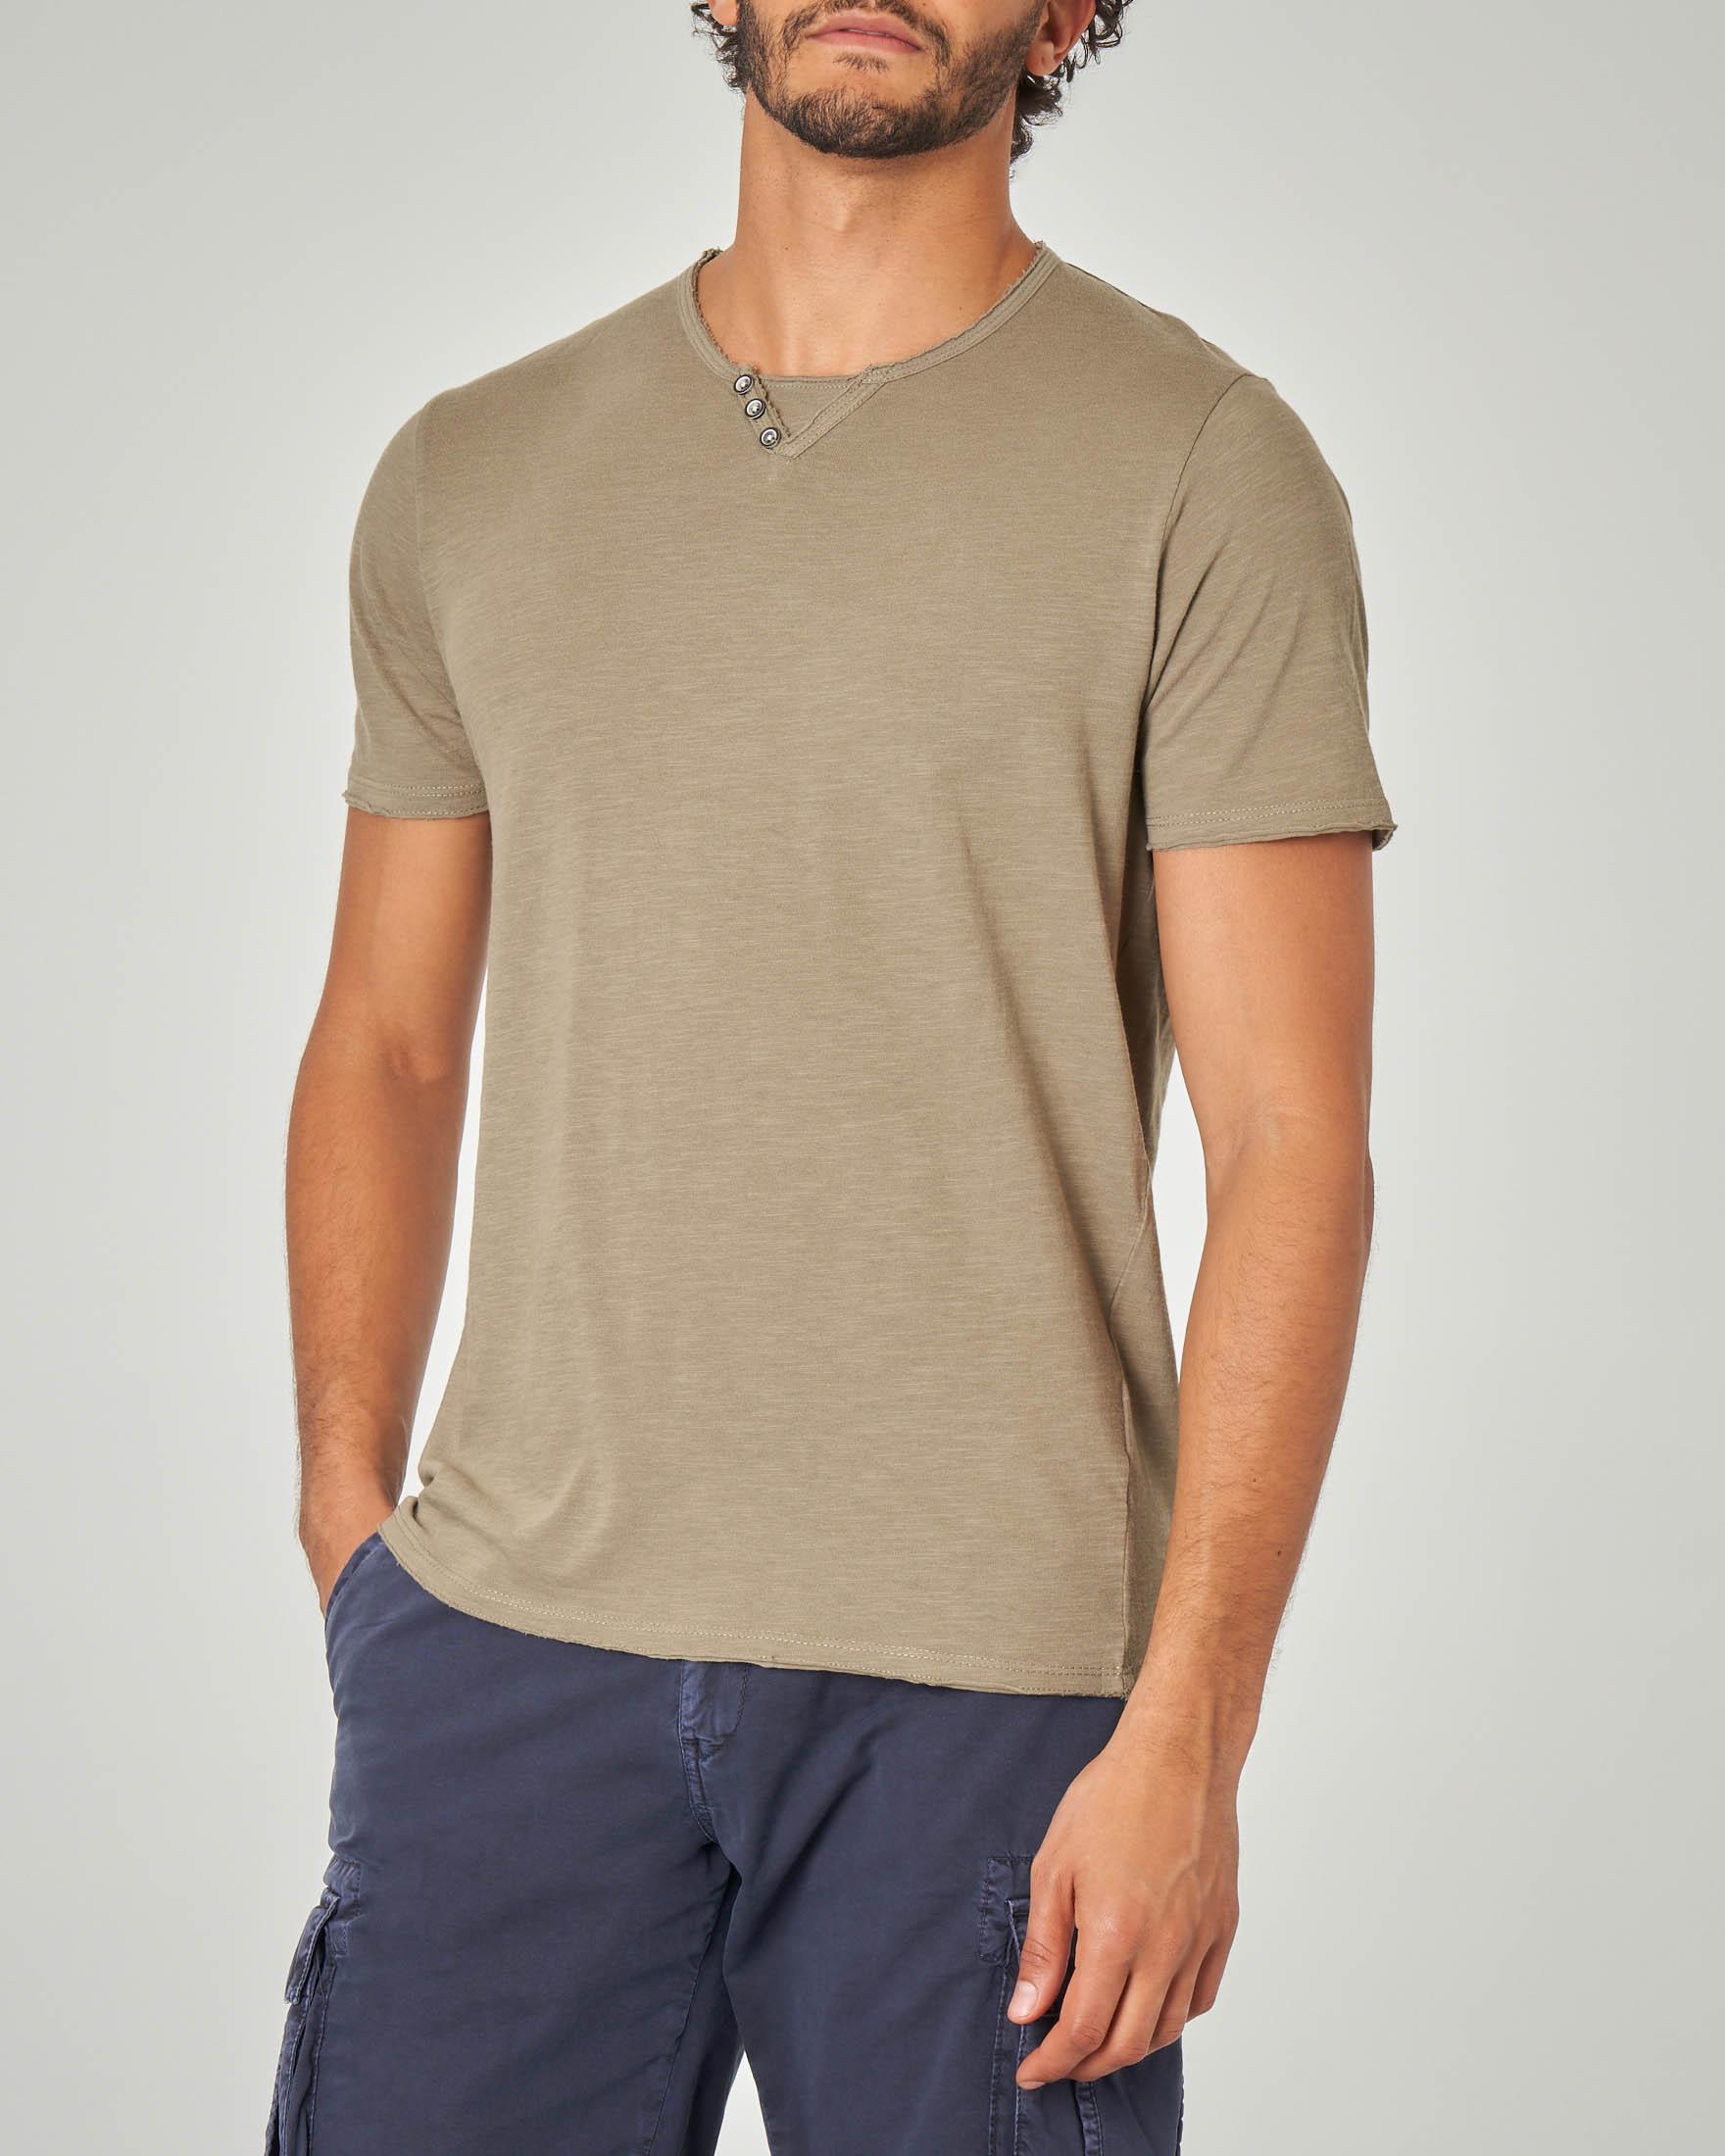 T-shirt verde militare serafino